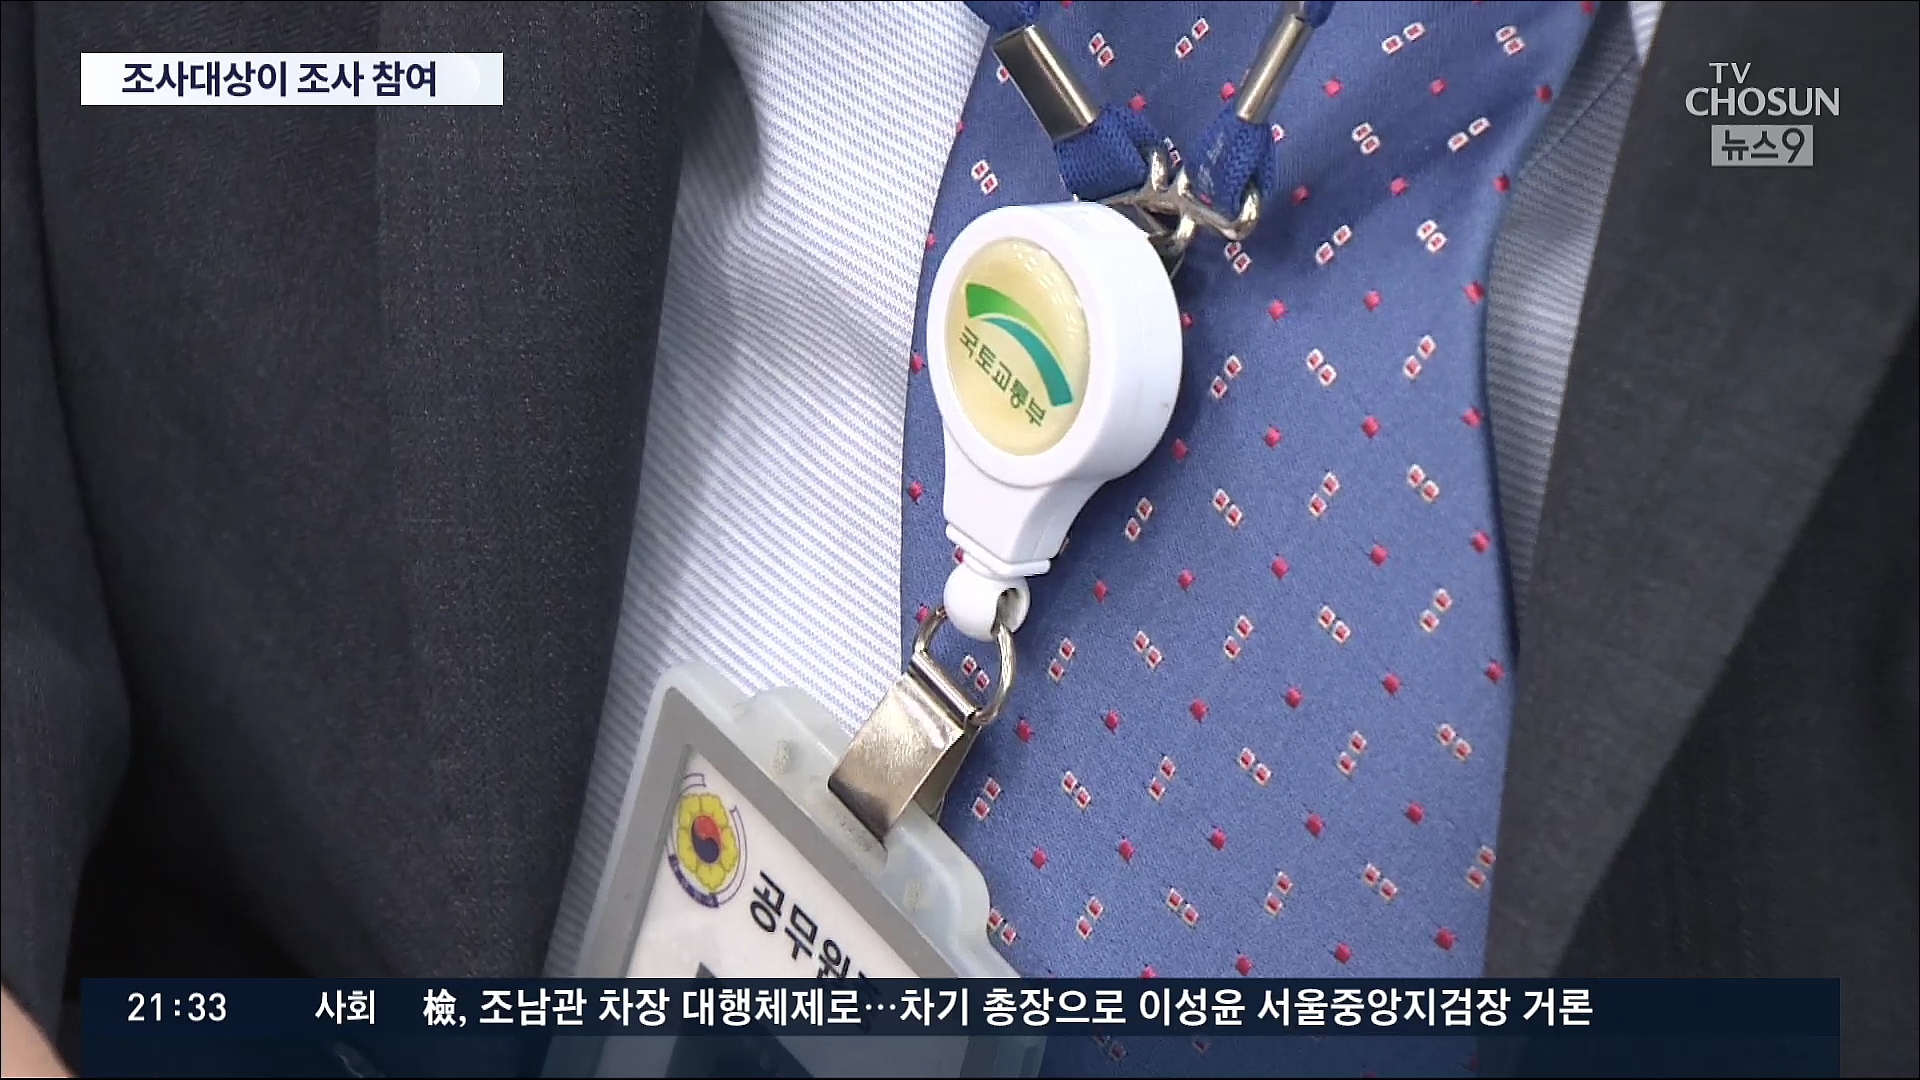 '조사 대상'인 국토부도 정부합동조사 참여…한계 우려